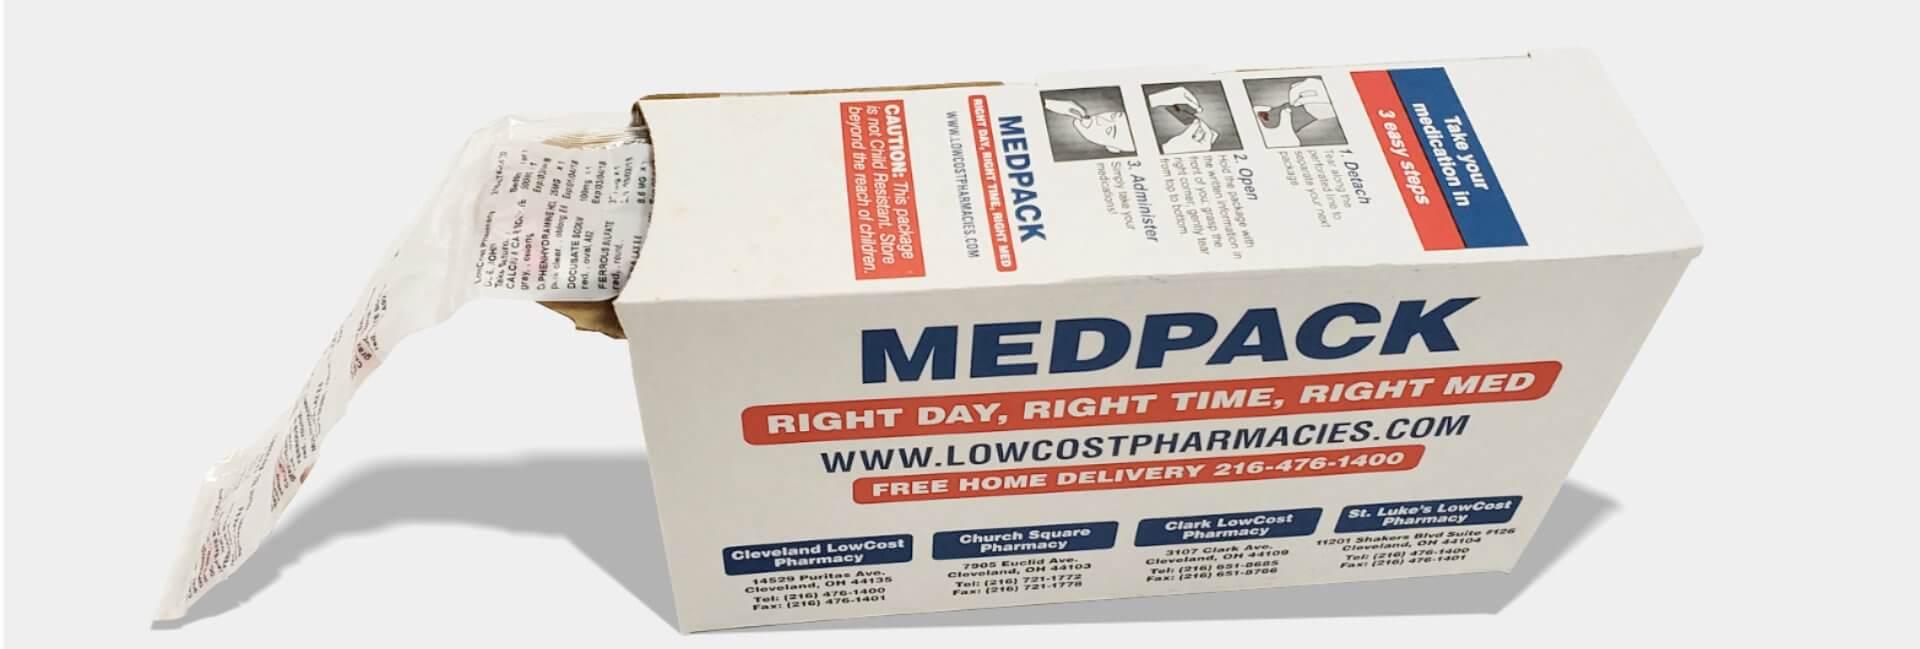 Mepack Box